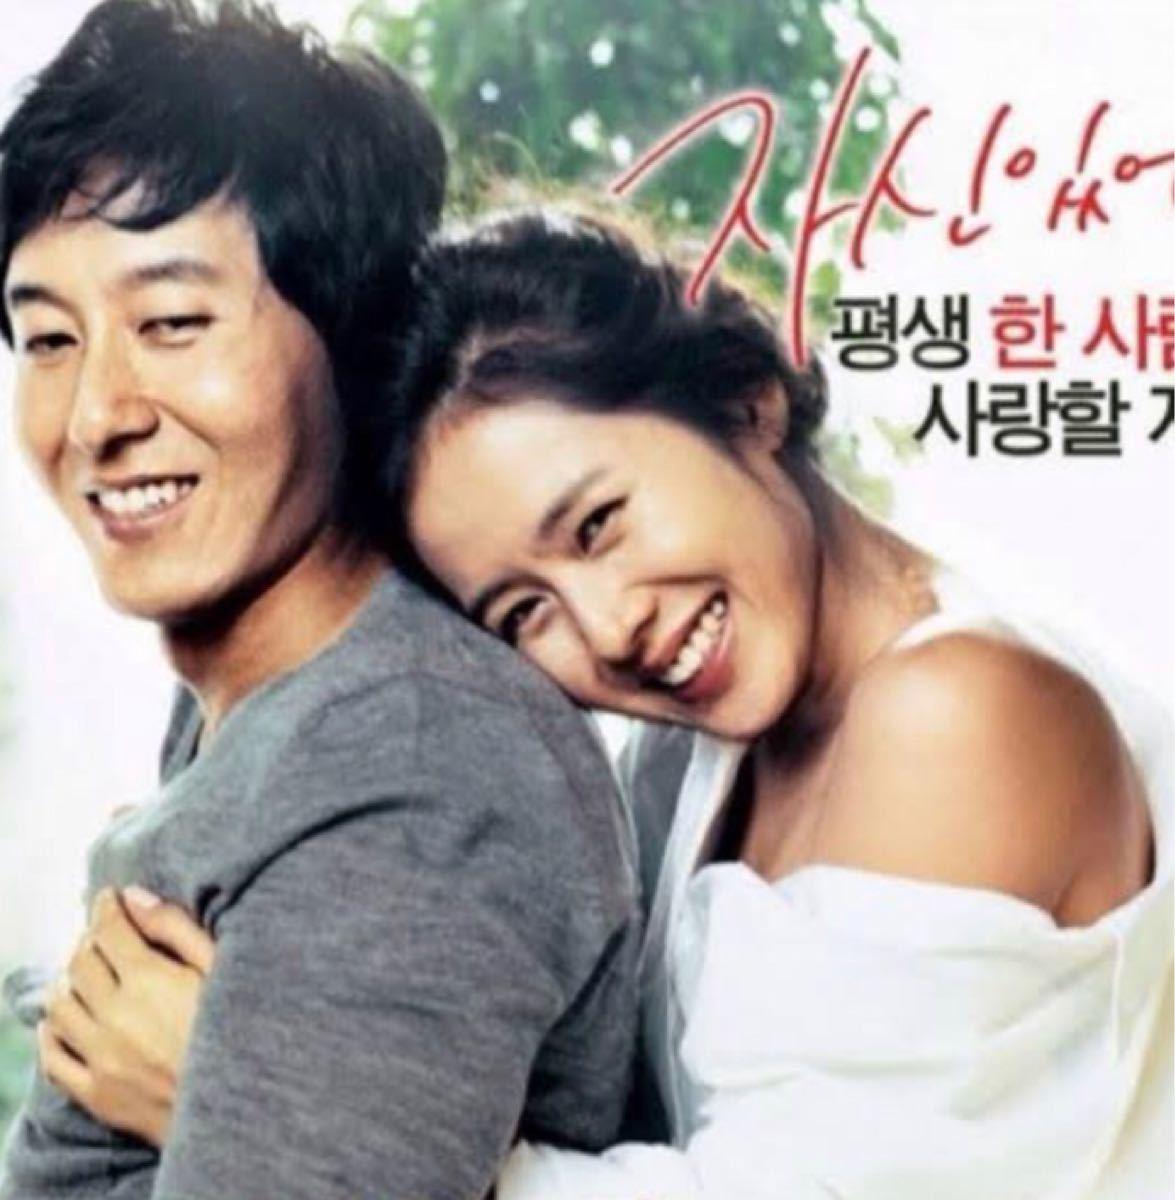 韓国映画  妻が結婚した  ソン・イェジン  キム・ジュヒョク  DVD  レーベル有り